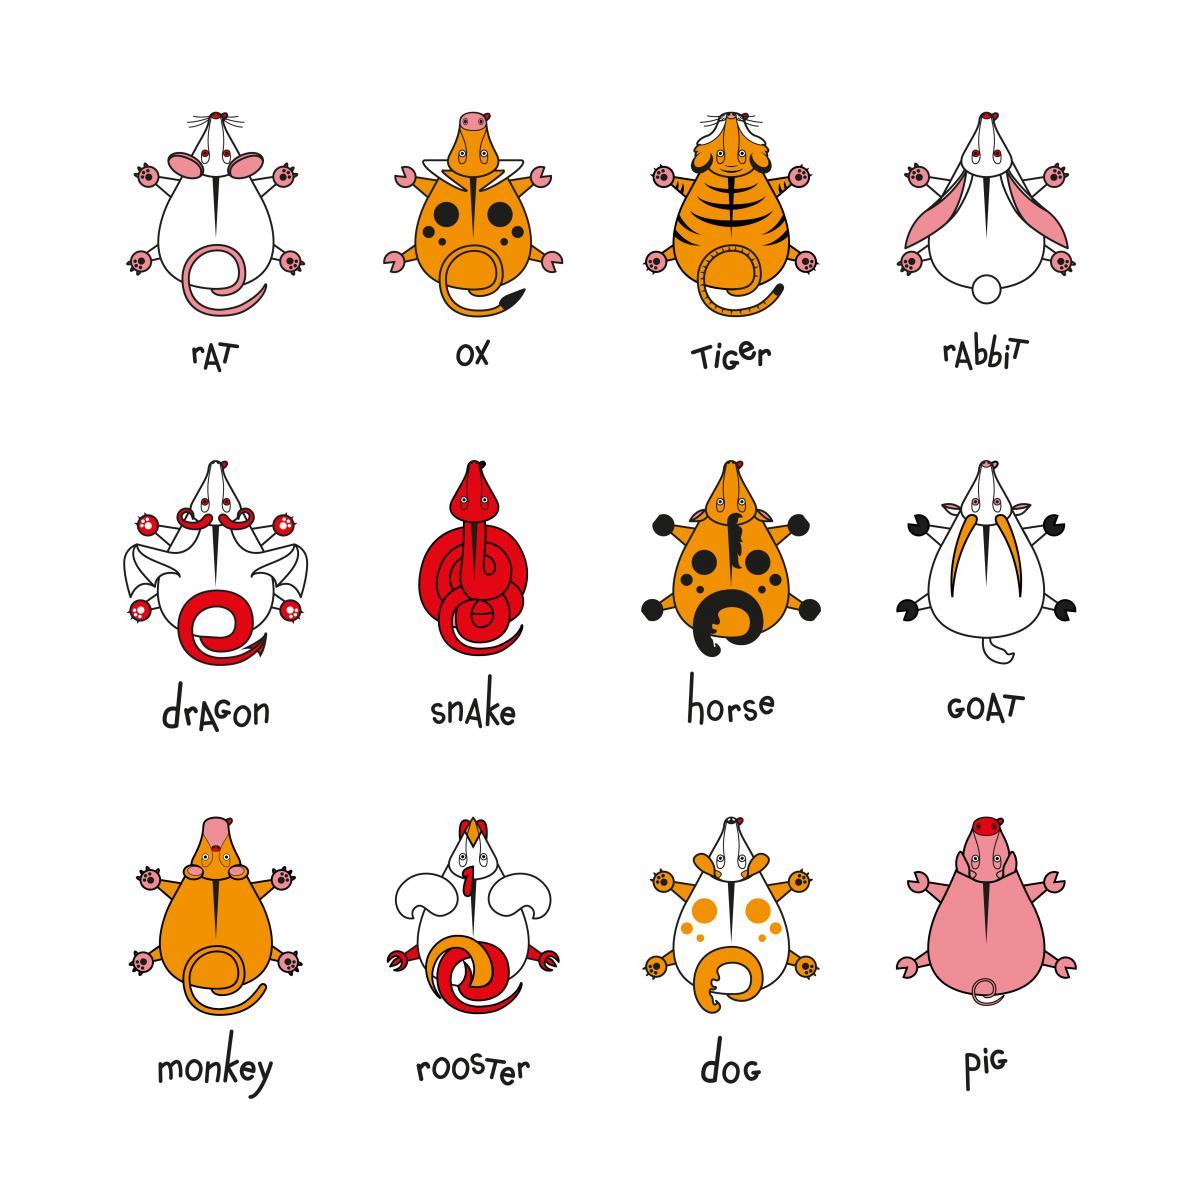 Китайский гороскоп / depositphotos.com